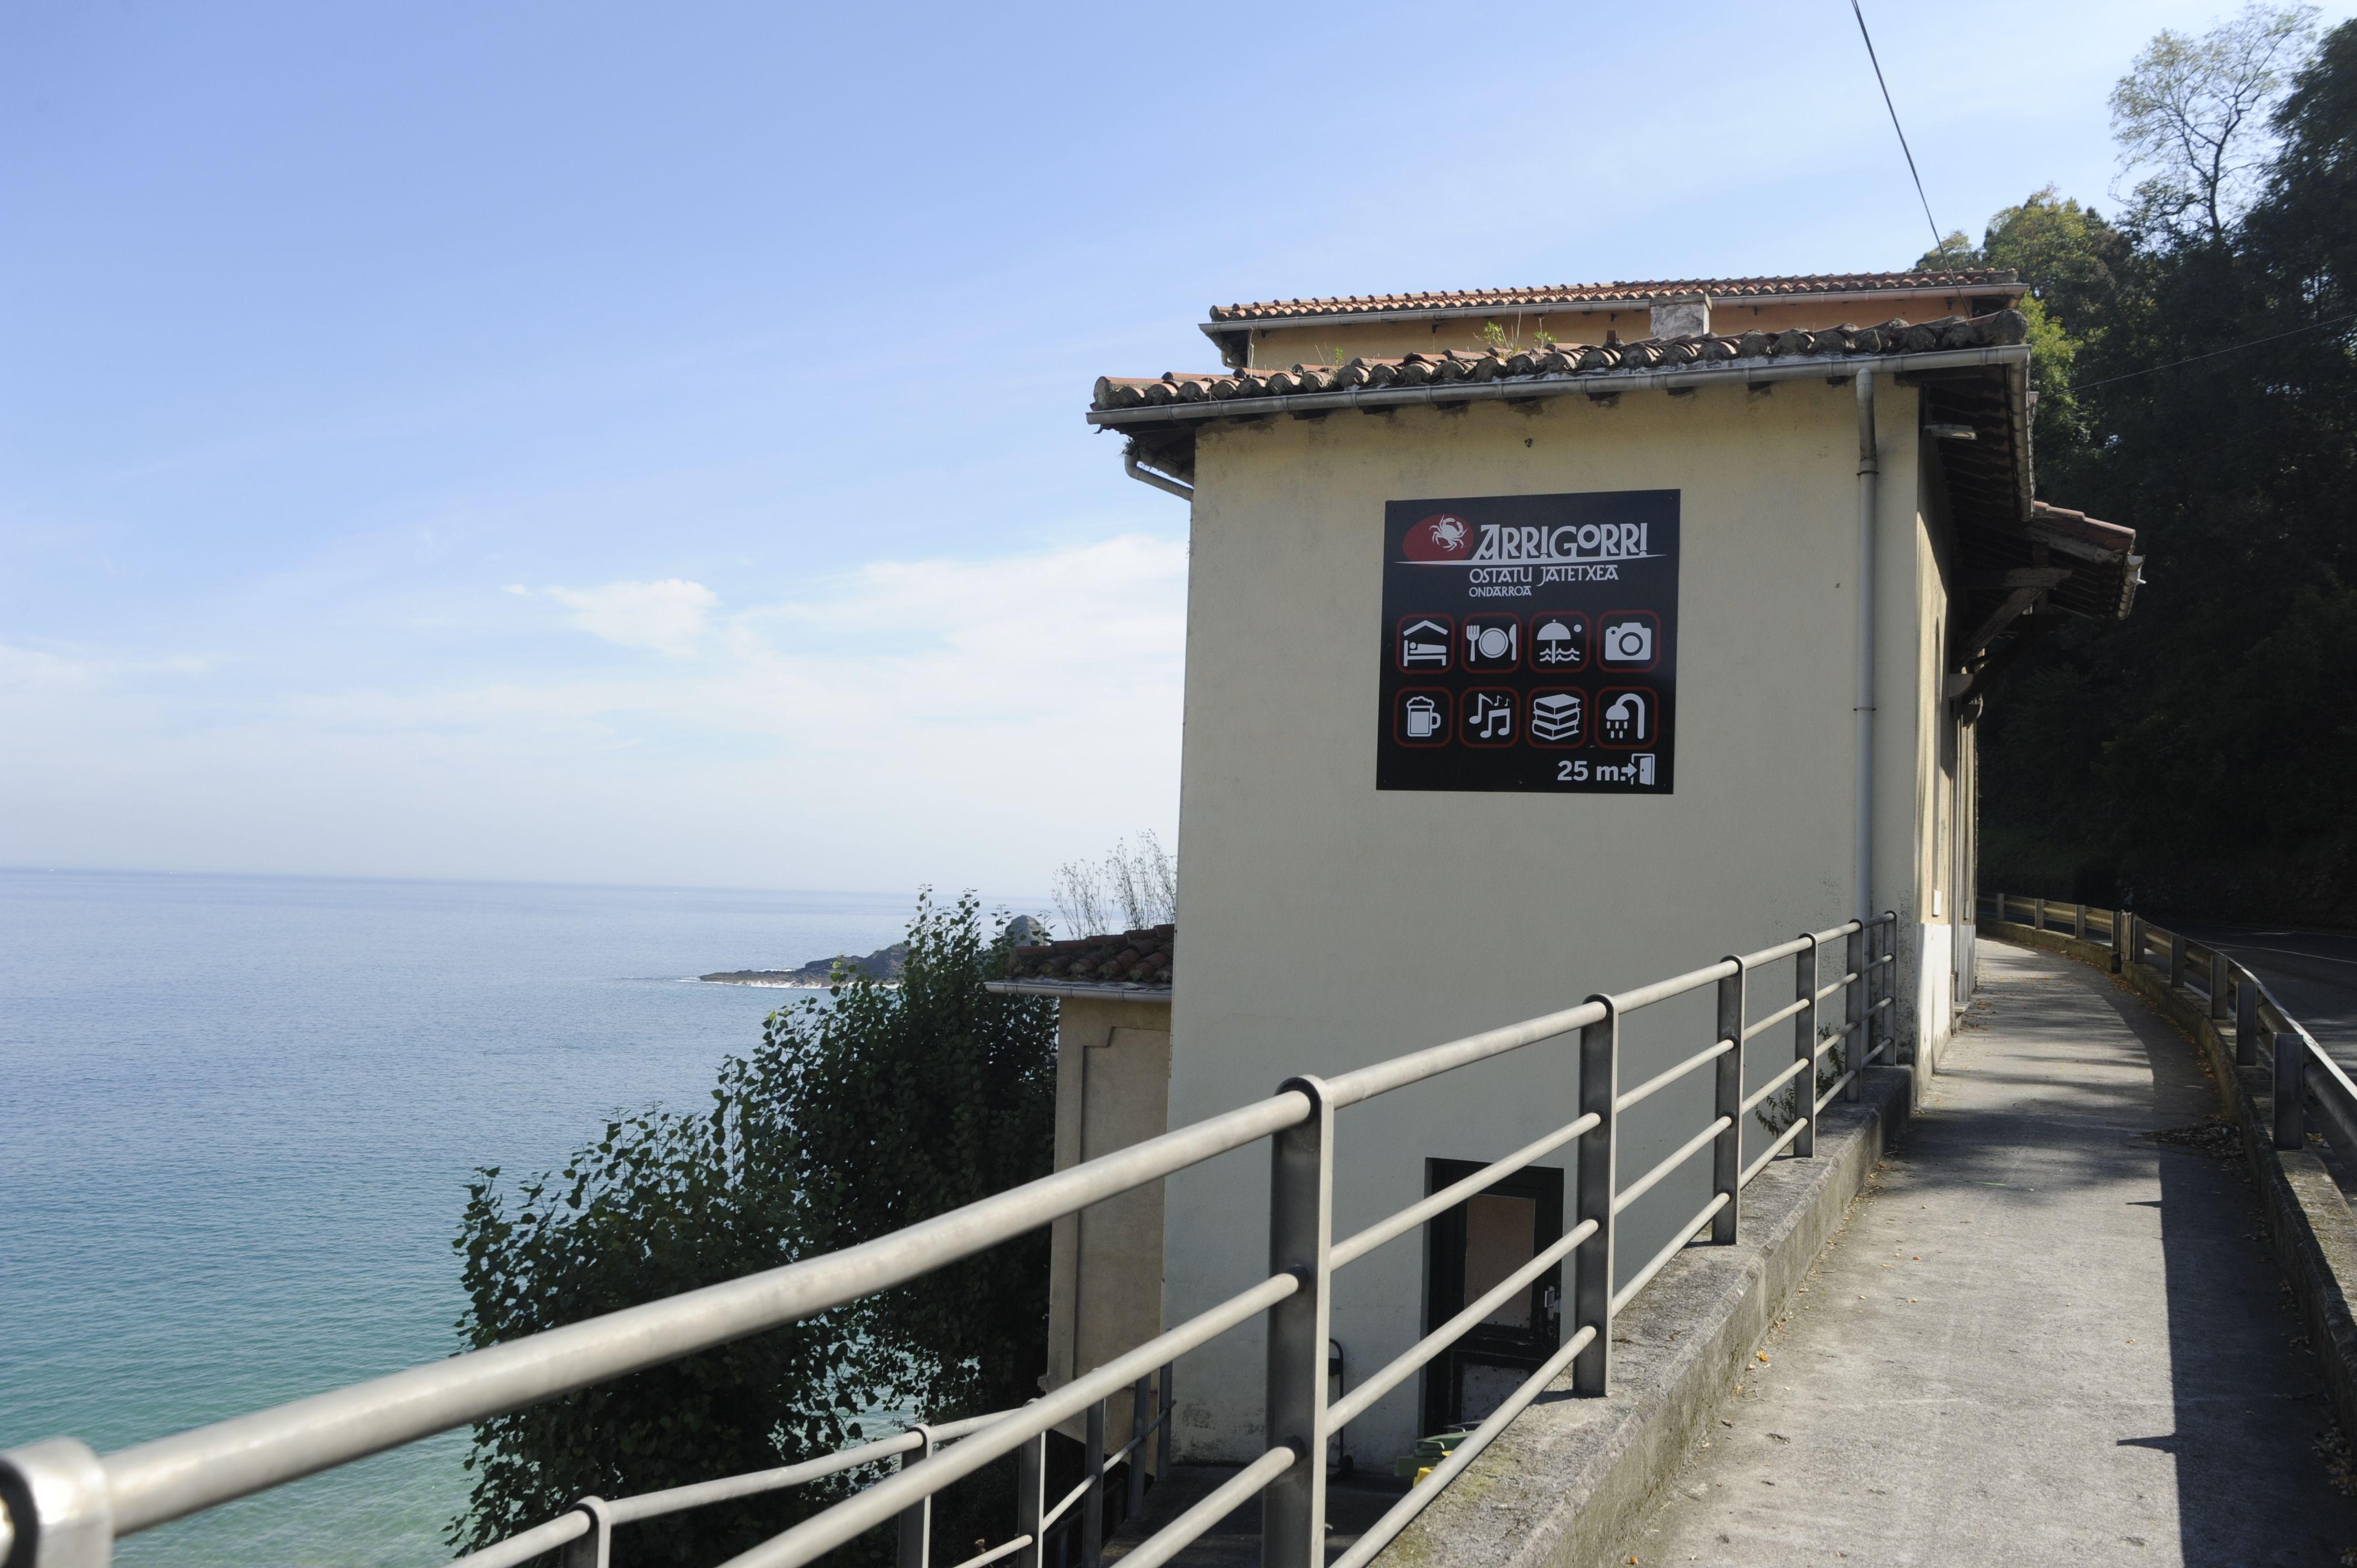 Foto 2 de Restaurante especializado en cocina vasca en Ondarroa   Arrigorri